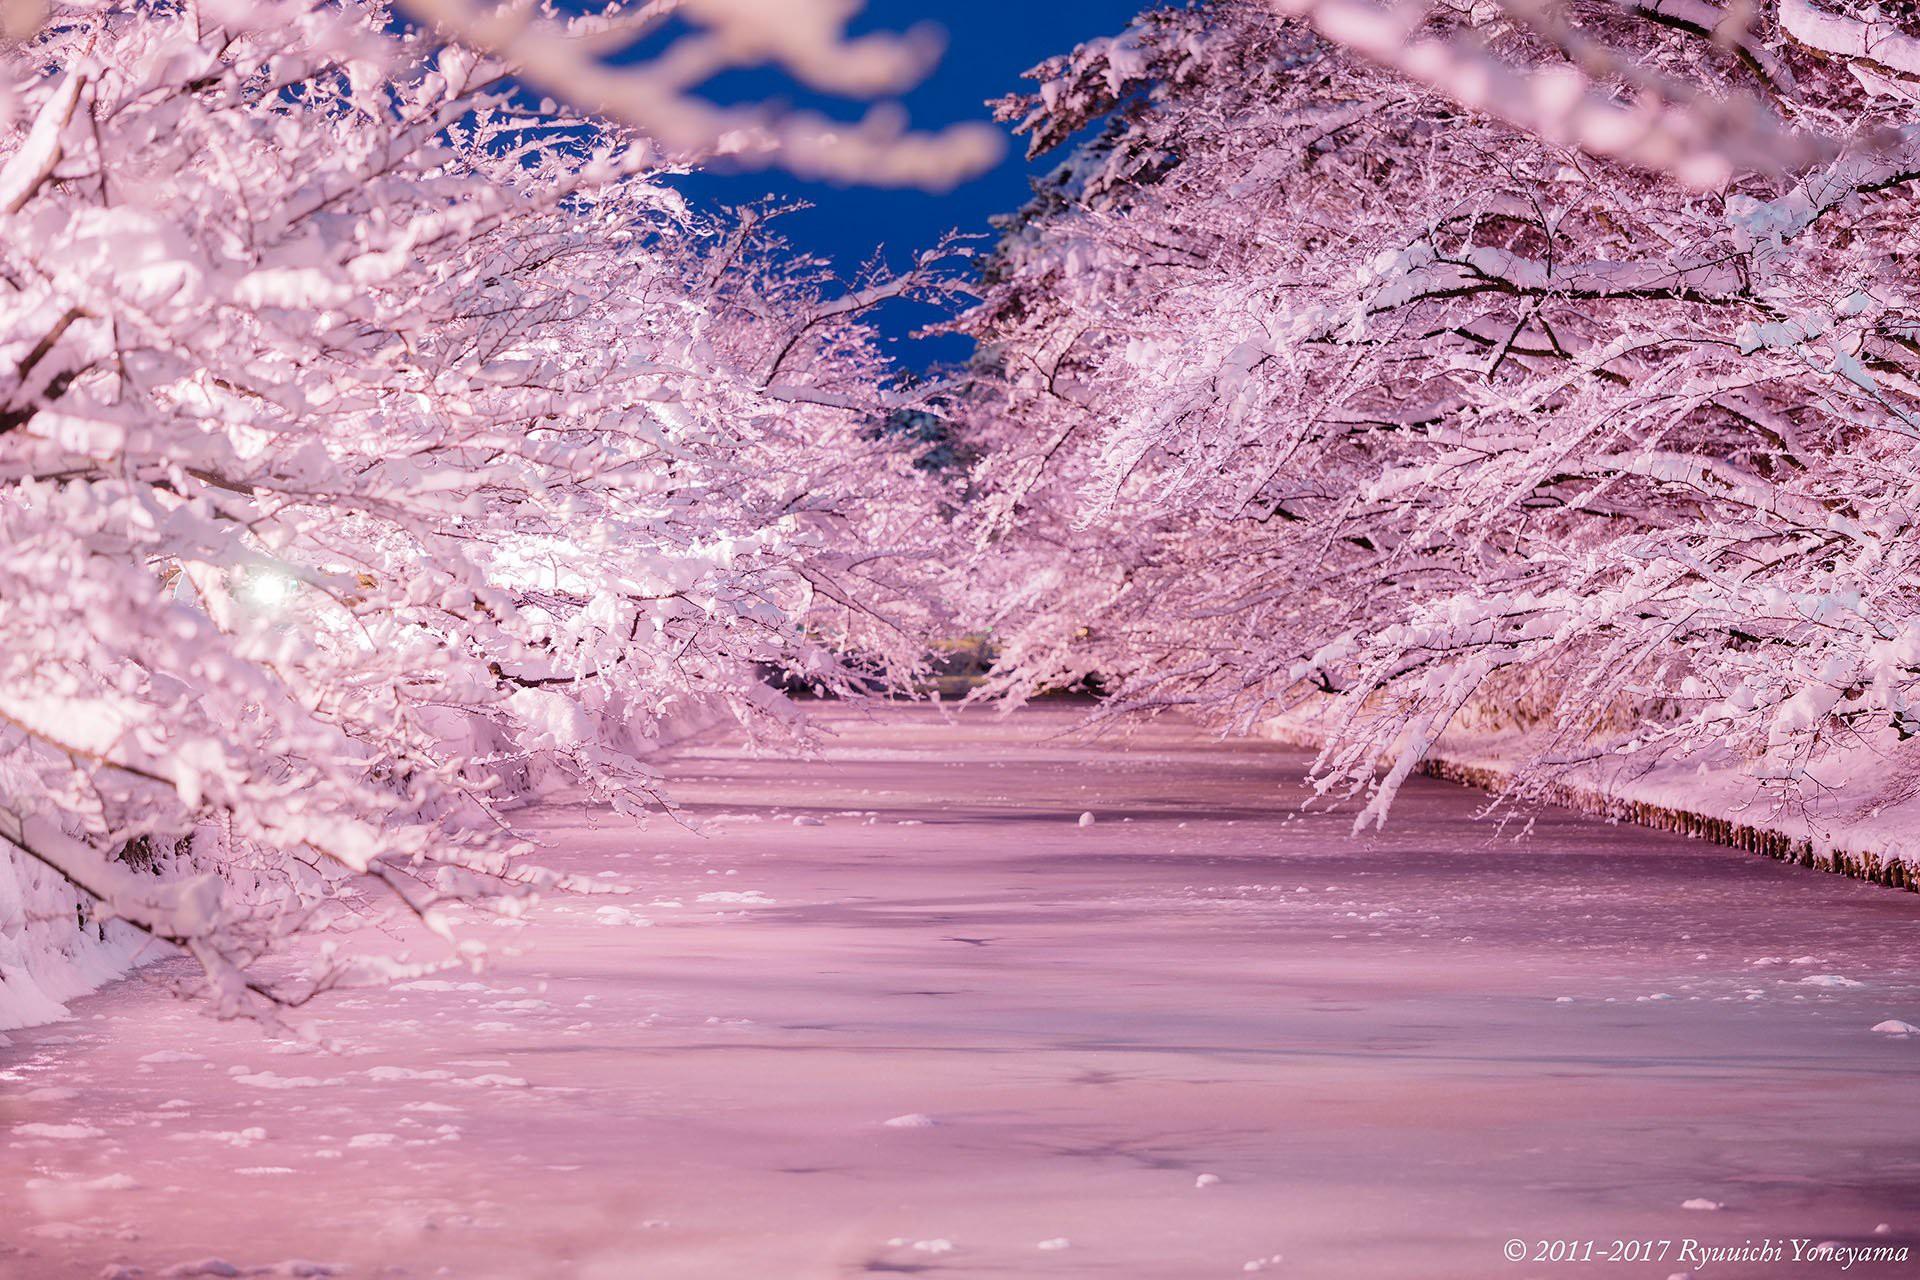 Người dân Nhật ngỡ ngàng chiêm ngưỡng những bông hoa anh đào băng tuyết trong thời tiết lạnh giá kéo dài - Ảnh 1.